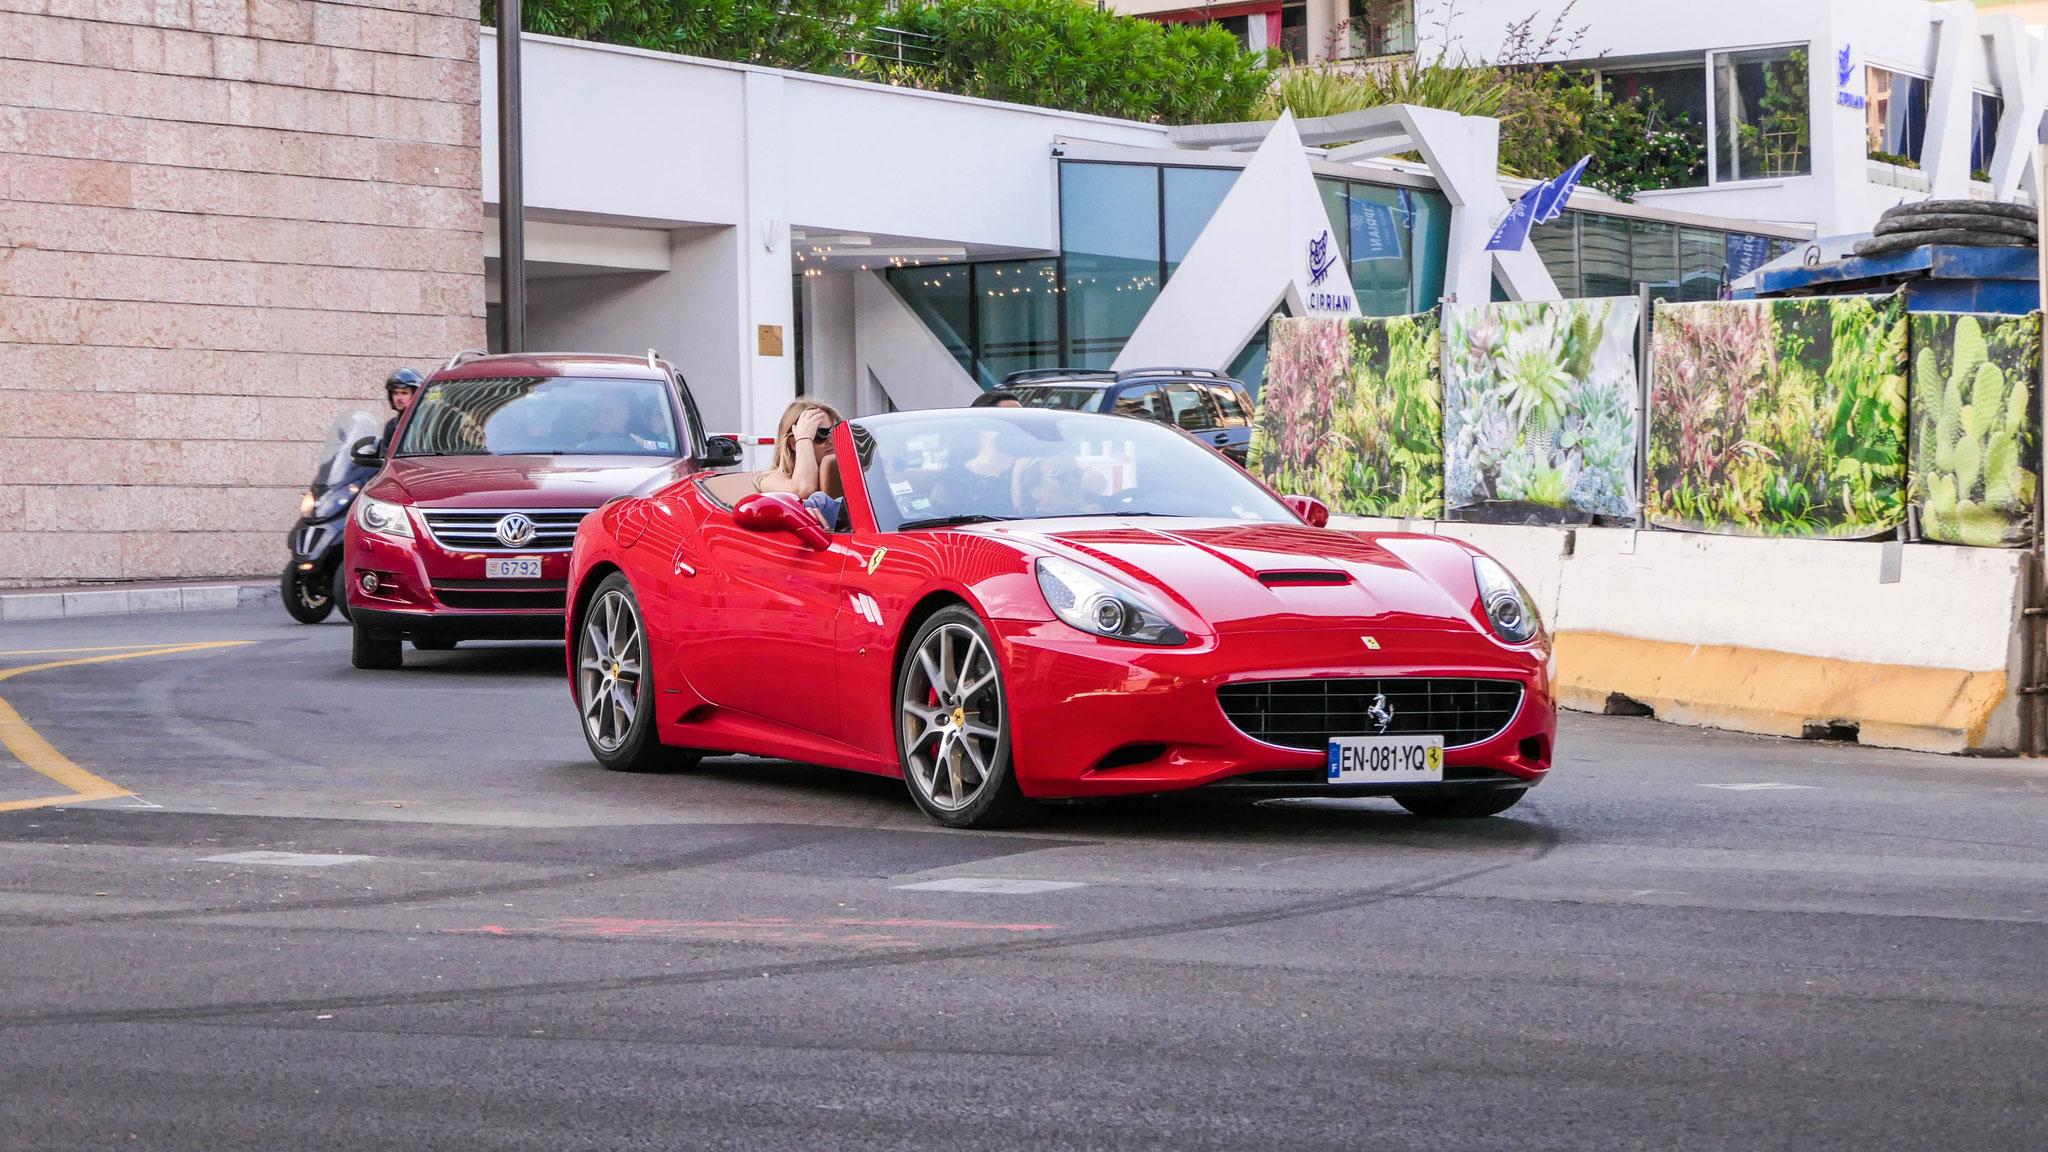 Ferrari California - EN-081-YQ (FRA)